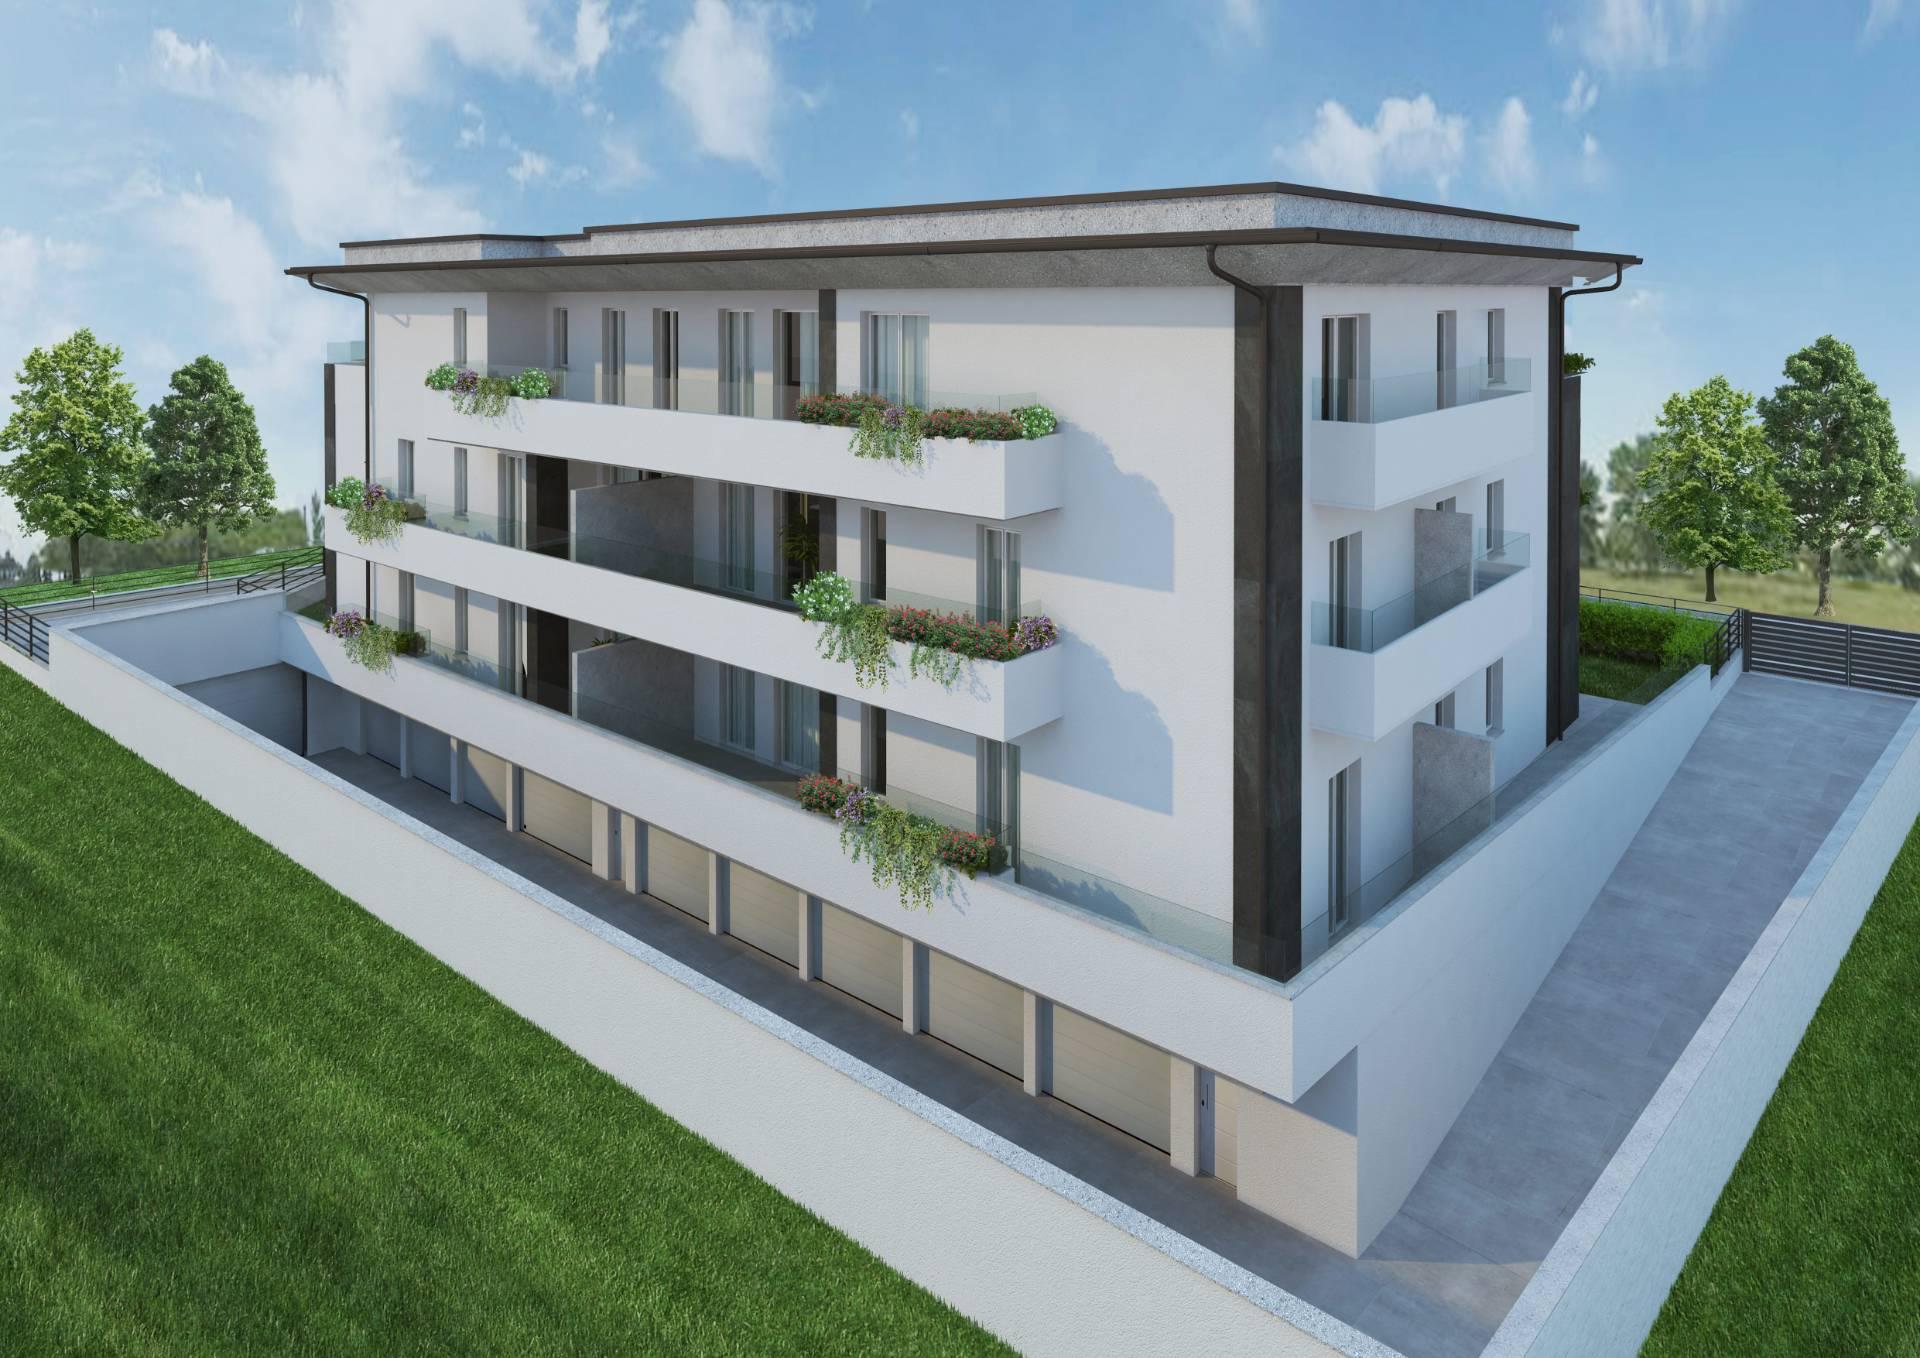 Appartamento in vendita a Busto Arsizio, 4 locali, zona Località: S.Edoardo, prezzo € 277.000 | CambioCasa.it